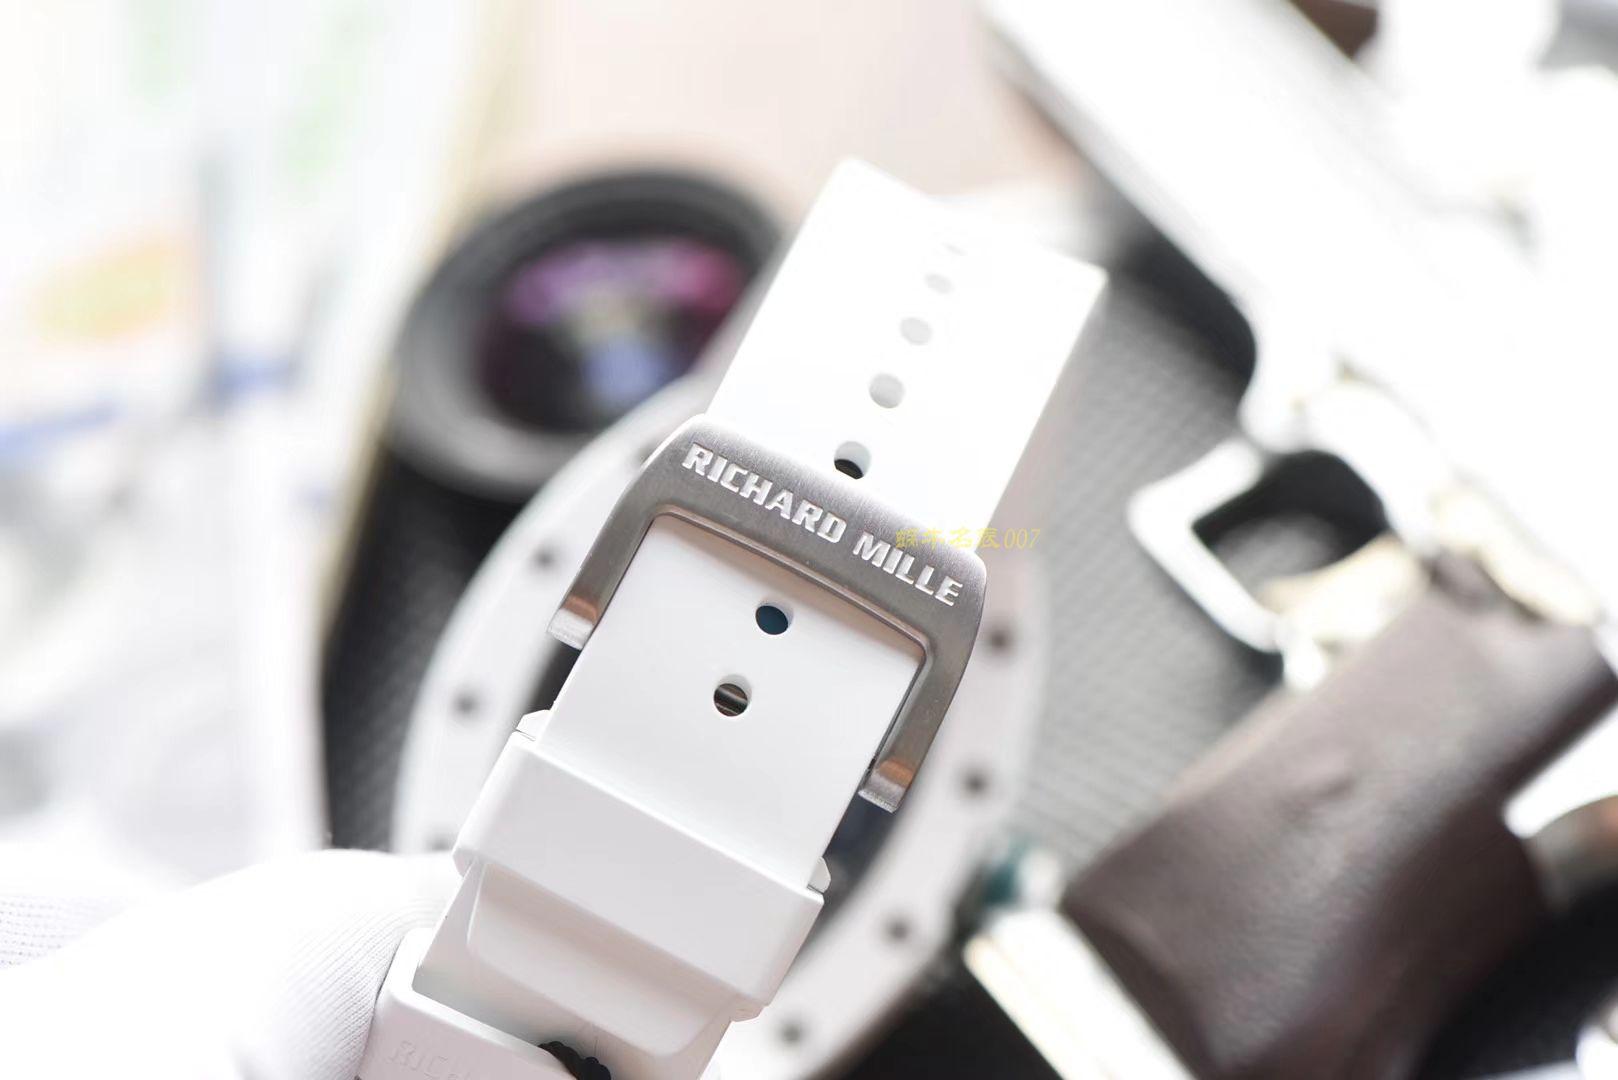 【视频评测】RICHARD MILLE里查德米尔男士系列RM 055腕表【KV一比一超A高仿手表】 / RM055HJ